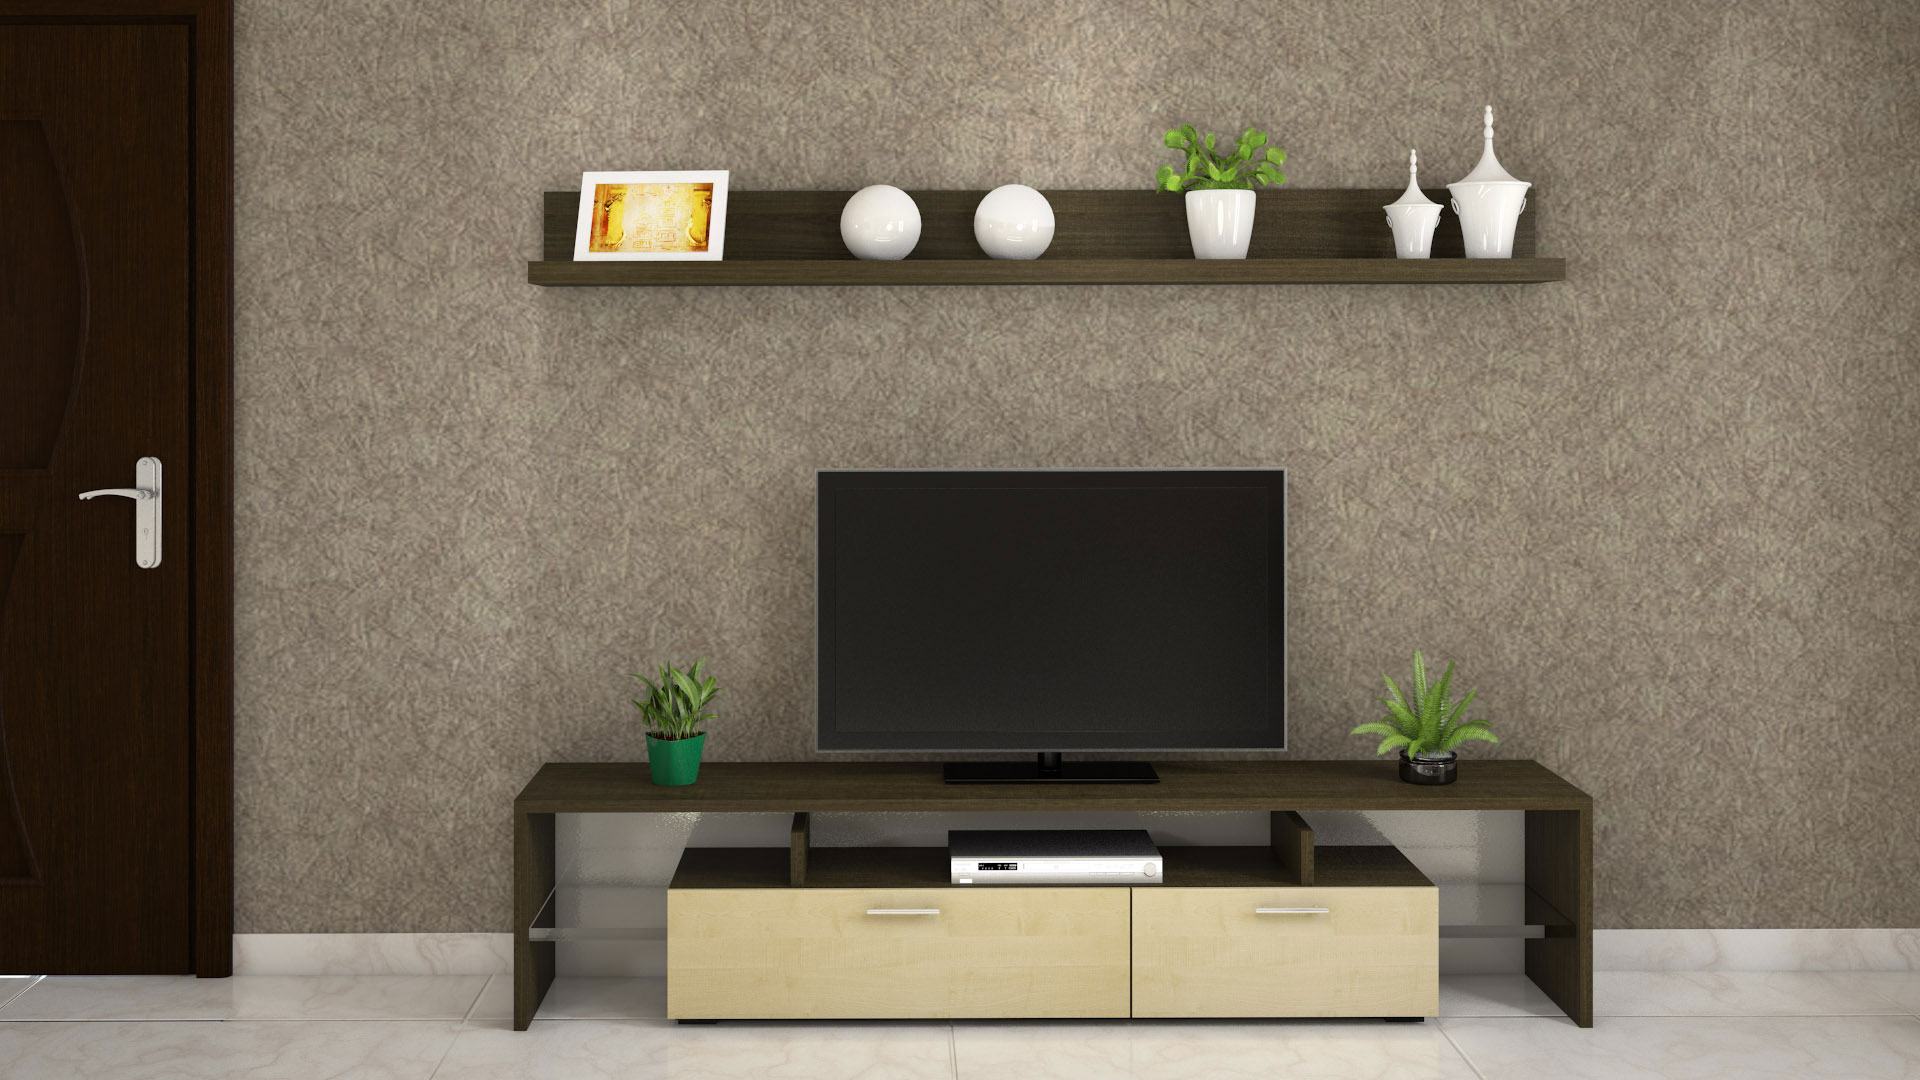 Interior Design Consultation Home Interiors Designing